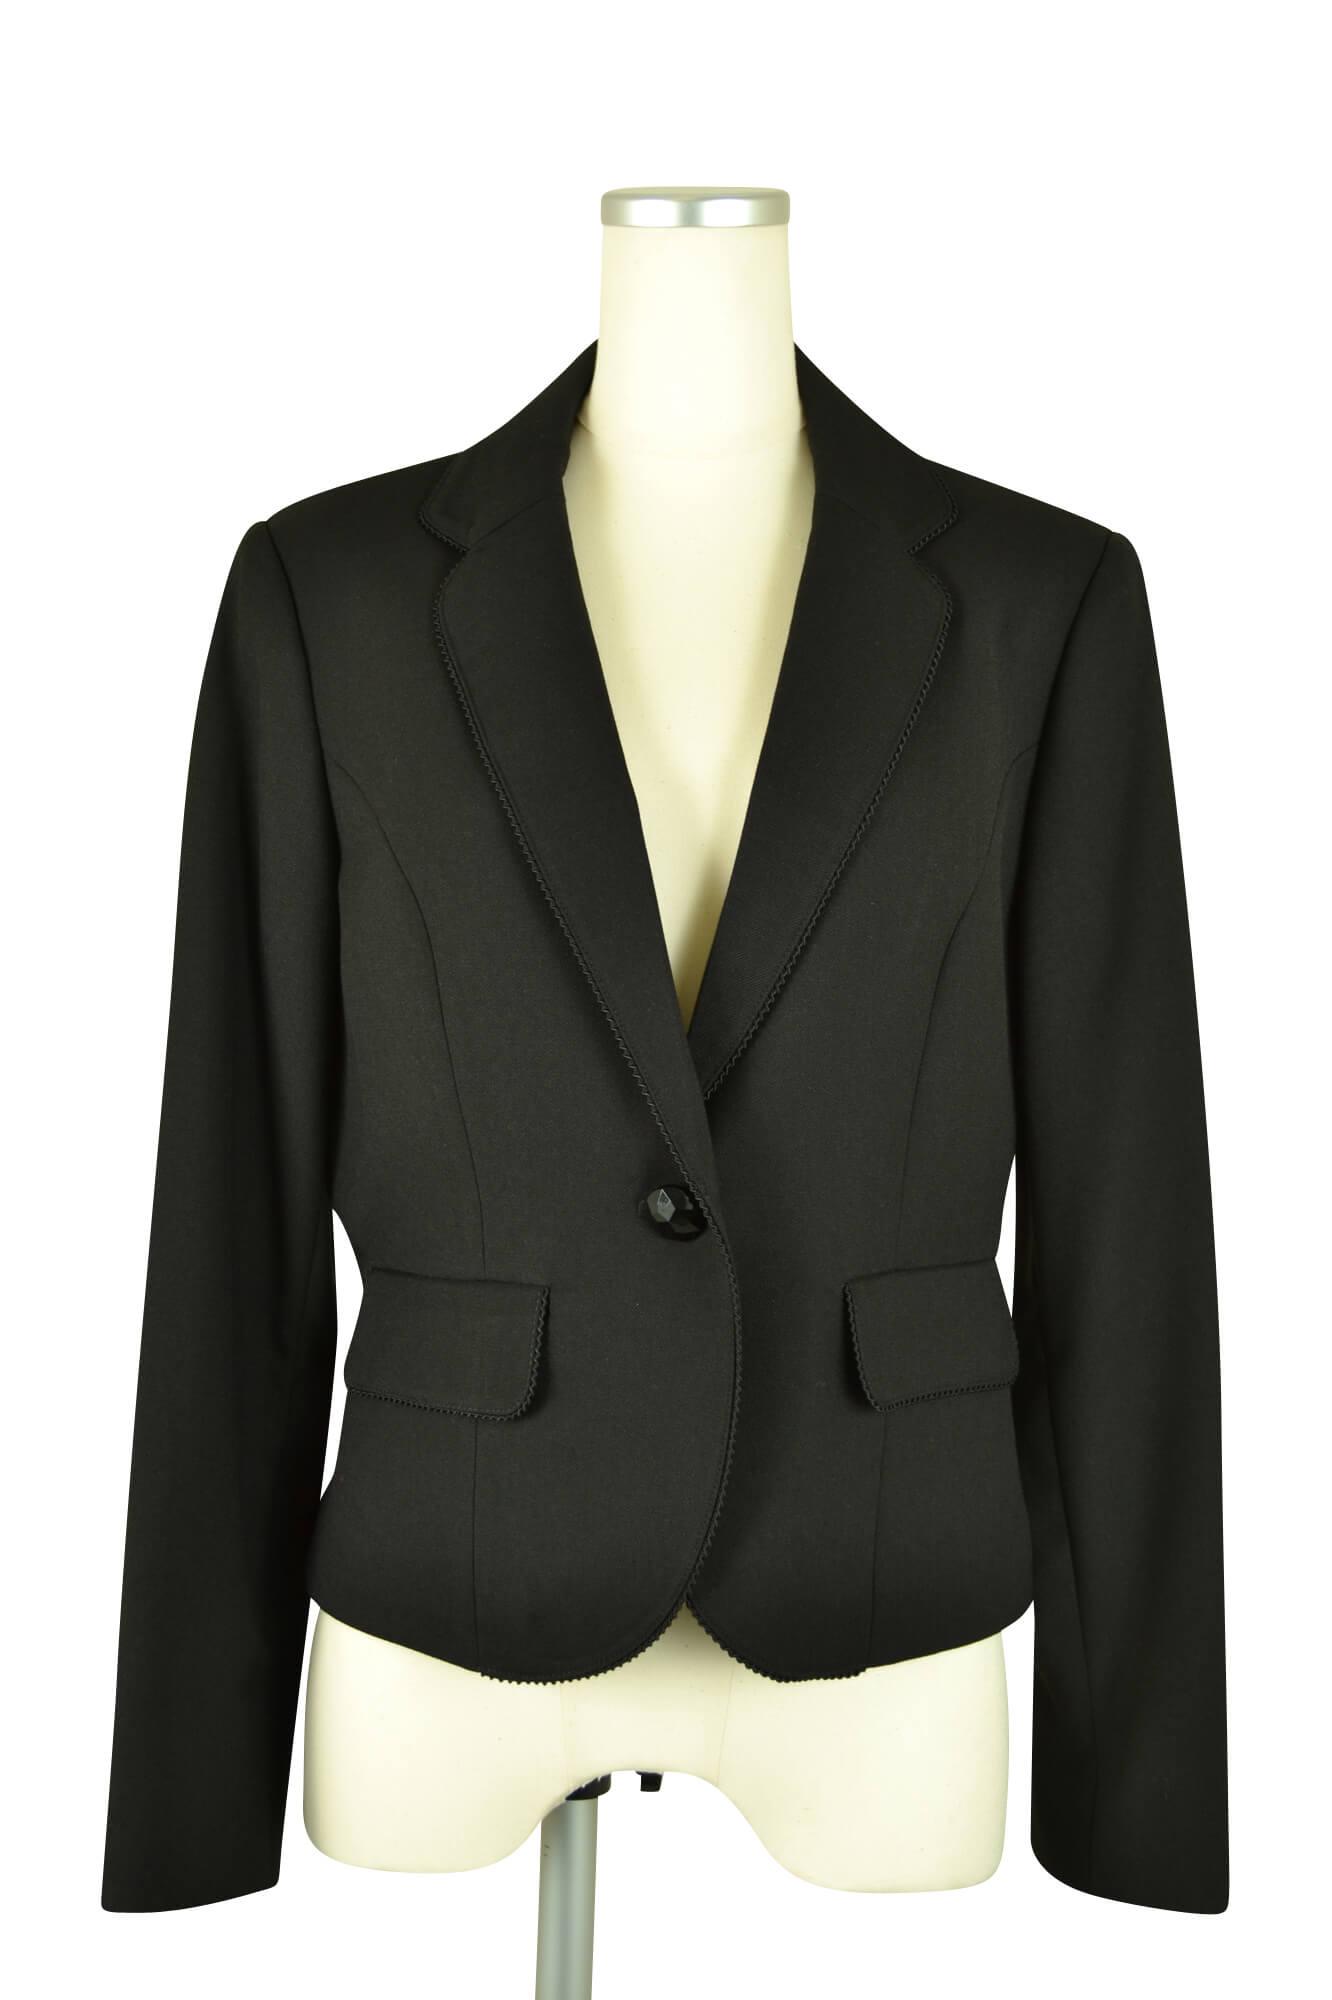 エイチ・ツー・オー (H・2・O)ブラックテーラー長袖ジャケット